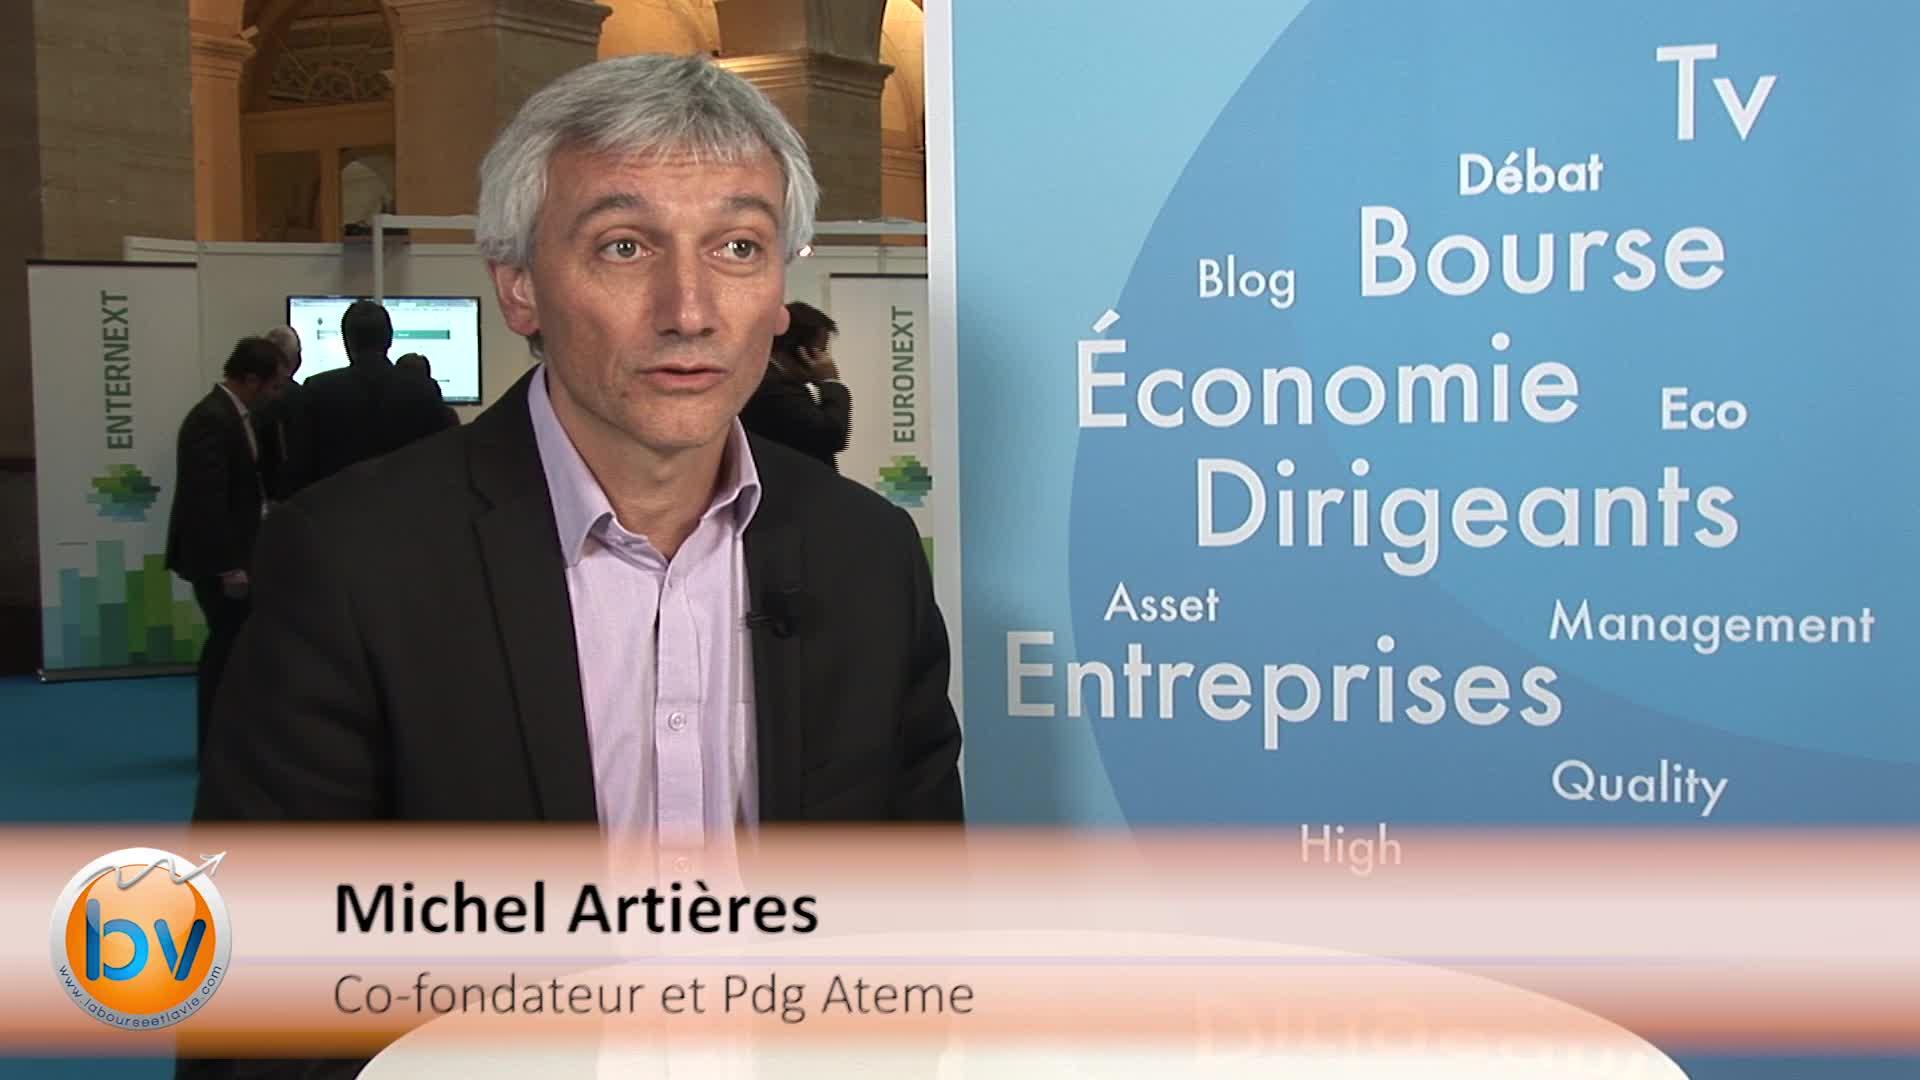 """Michel Artières Pdg Ateme : """"On va lancer la deuxième version de notre solution Titan à la fin de l'année"""""""